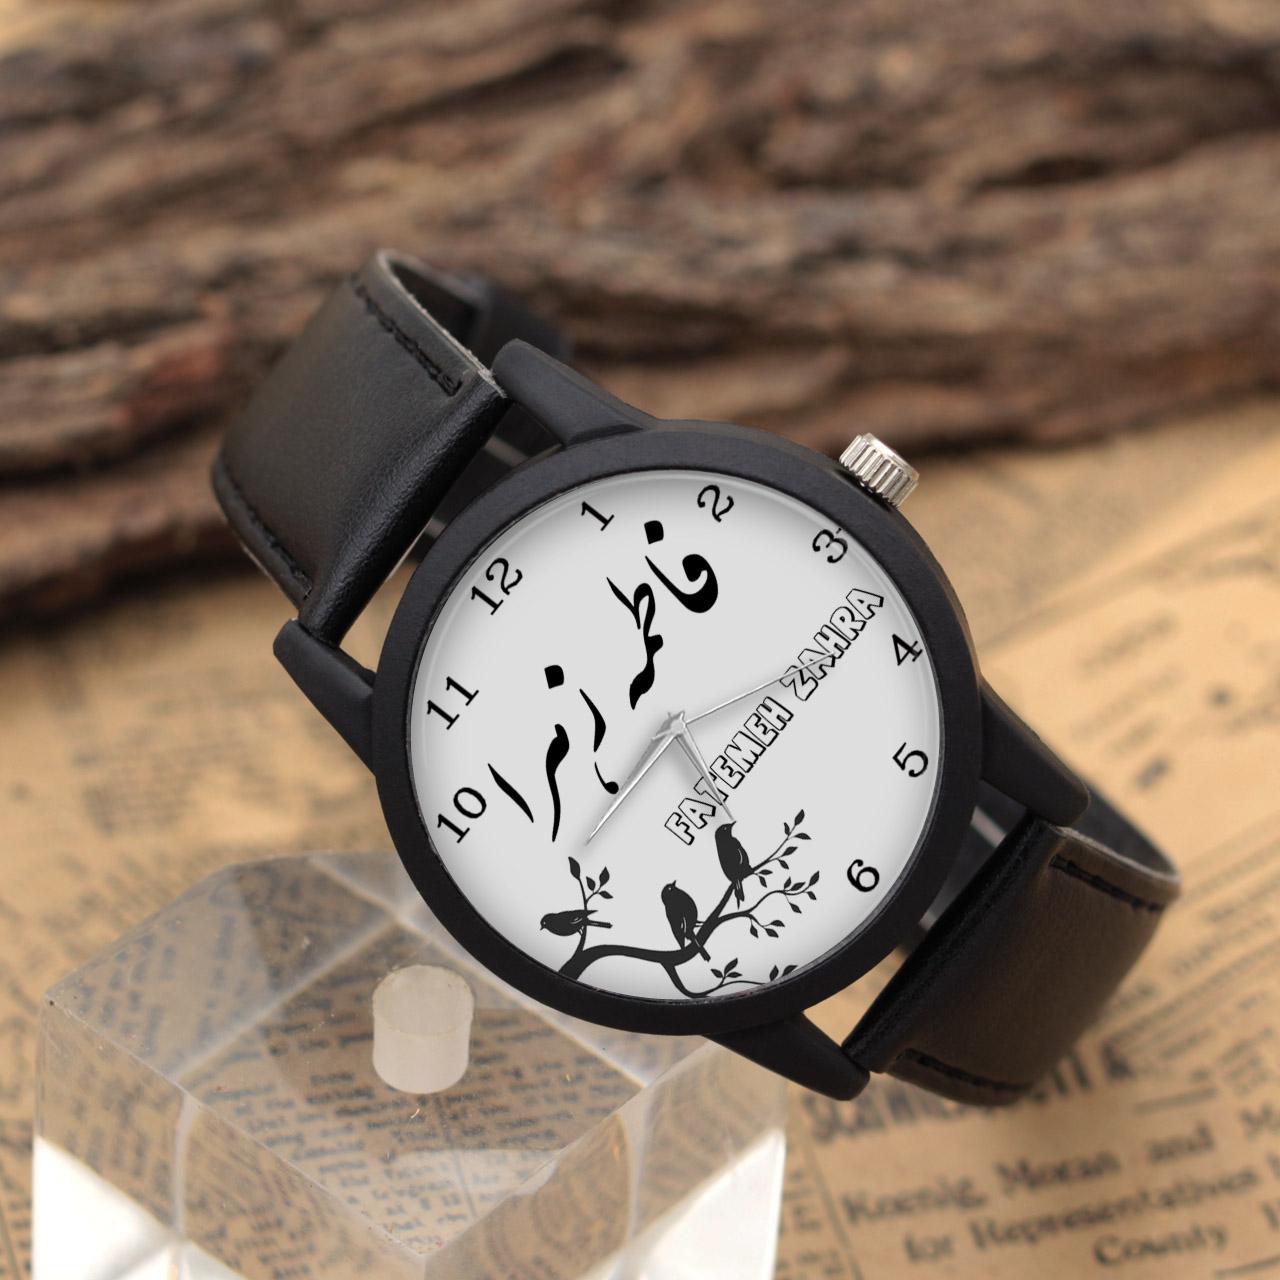 ساعت مچی عقربه ای زنانه طرح فاطمه زهرا کد LF3069              ارزان